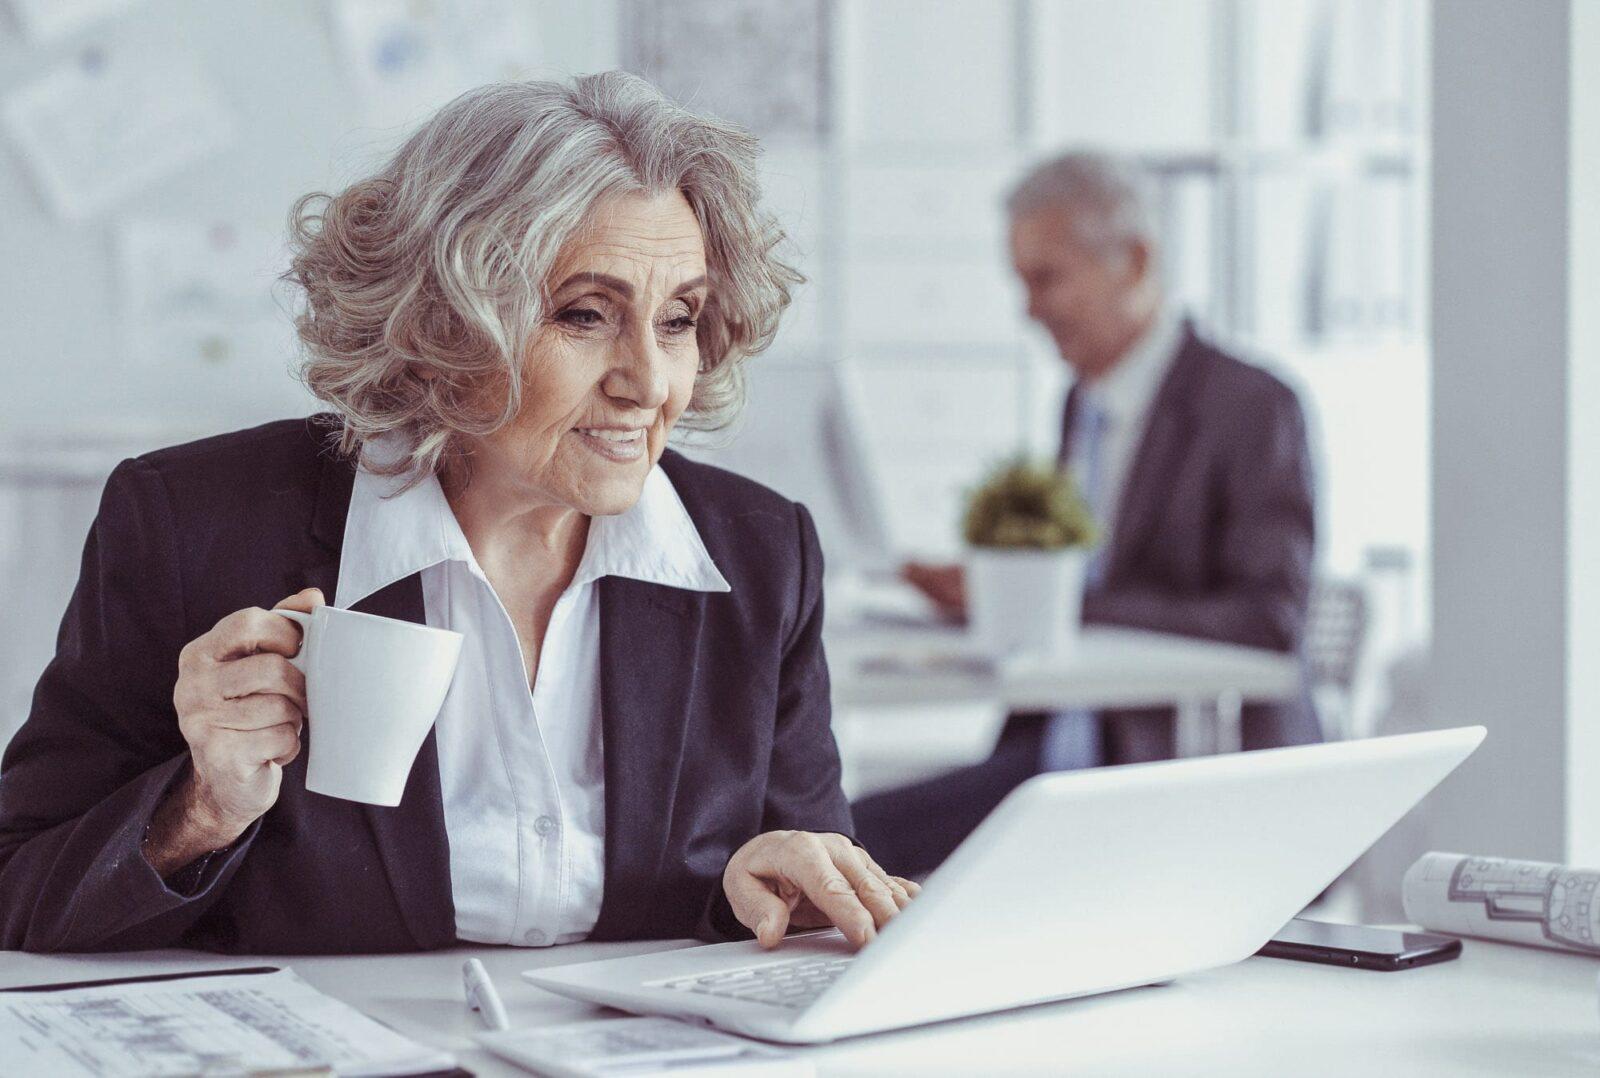 Older worker CV template